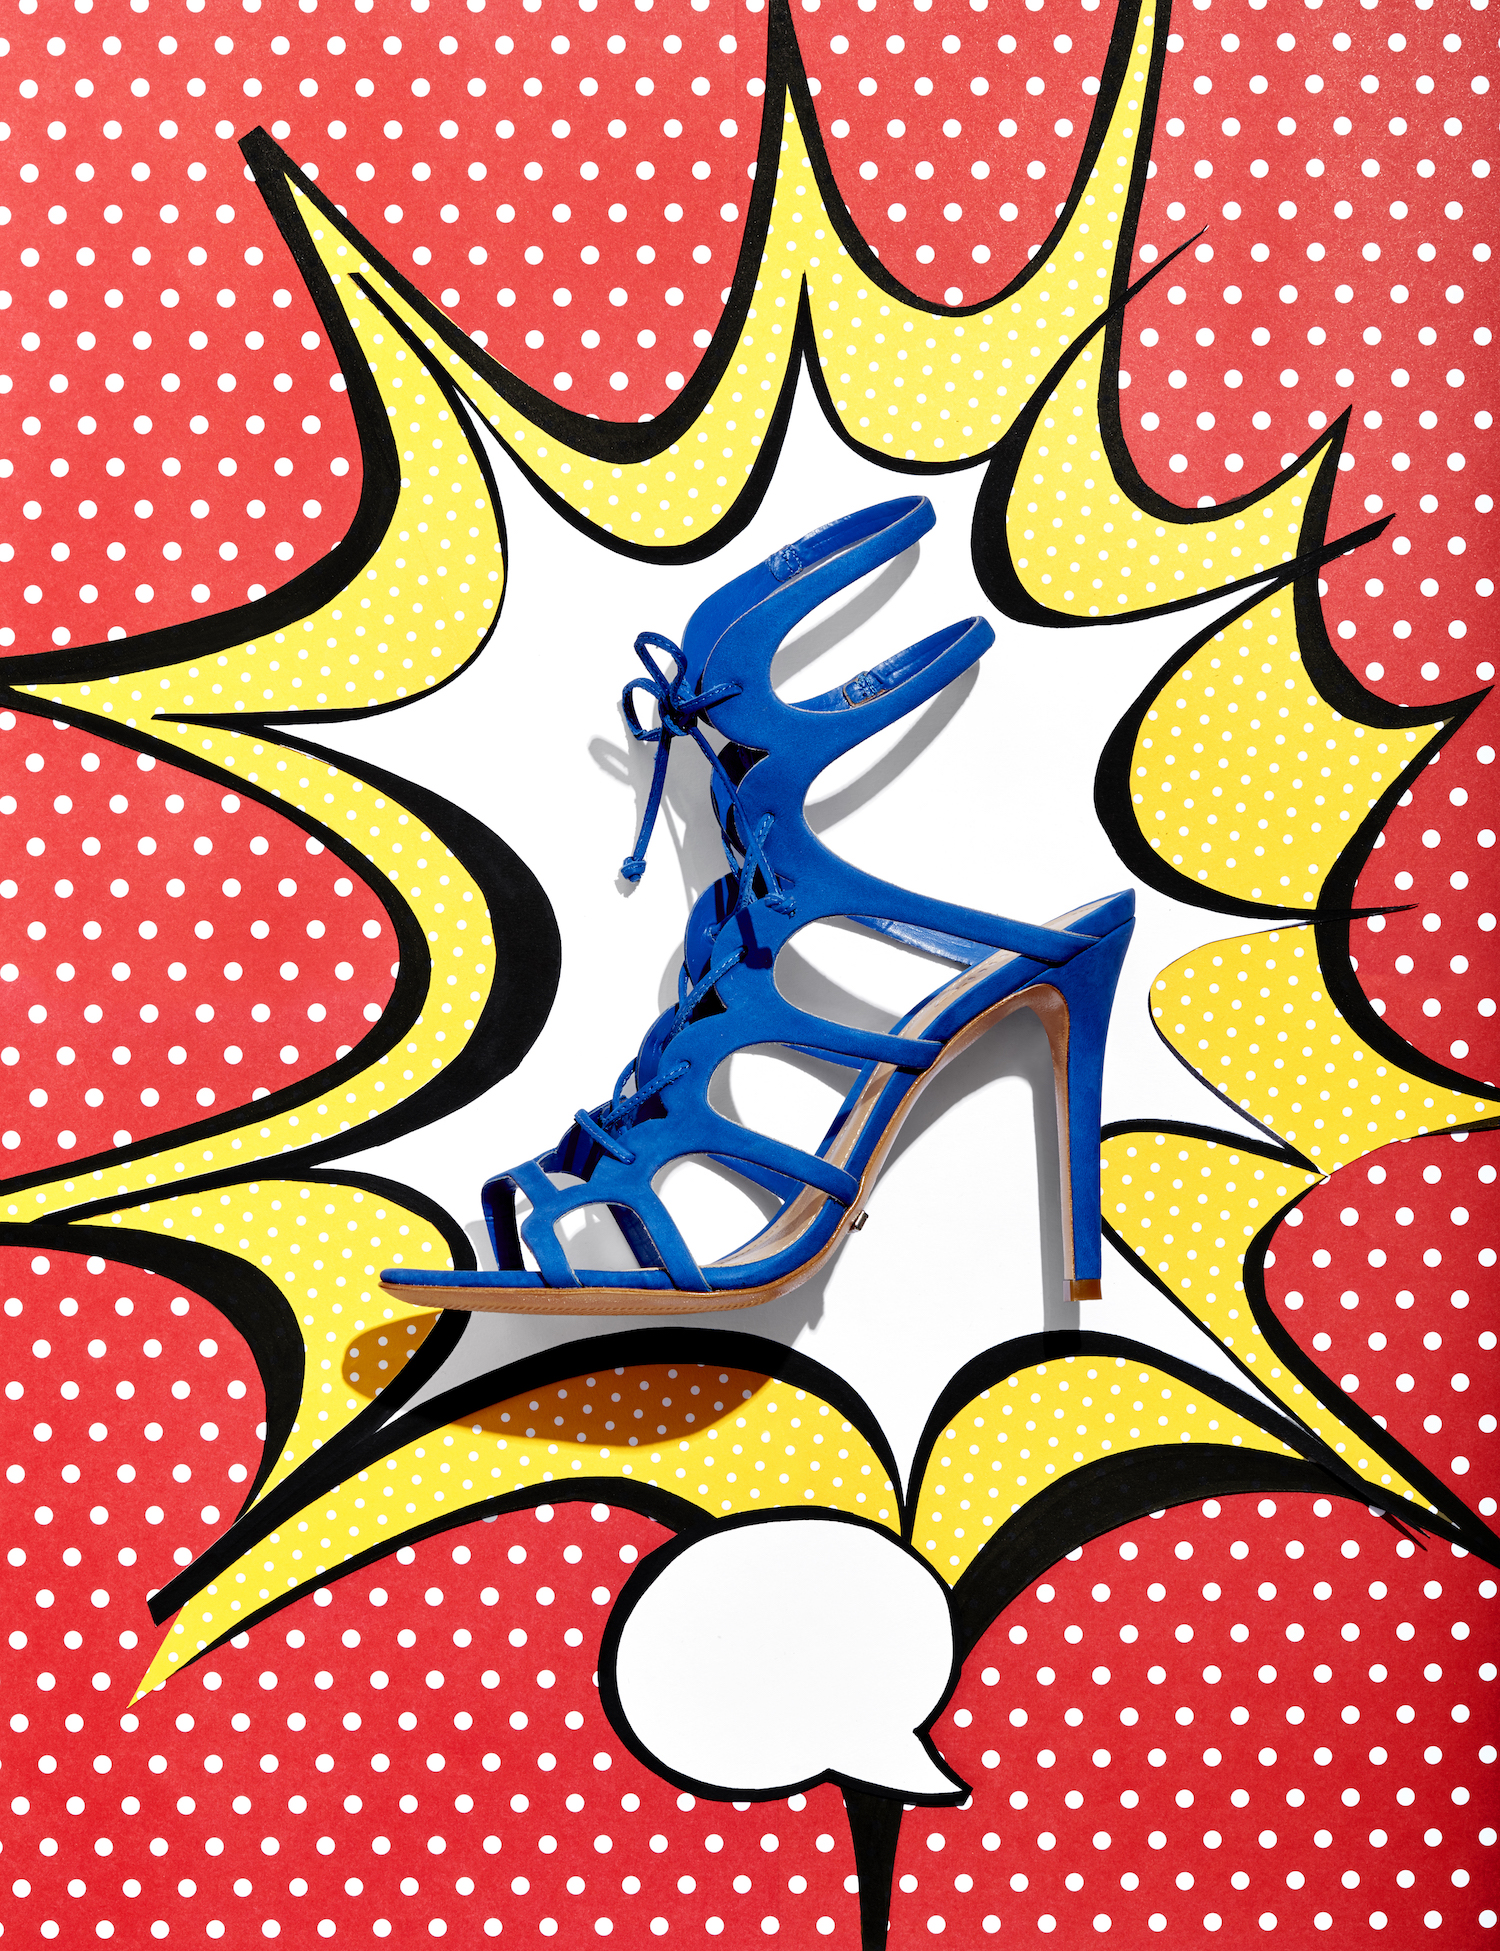 10_Shultz ShoeWeek 2-15-011_RET.jpg